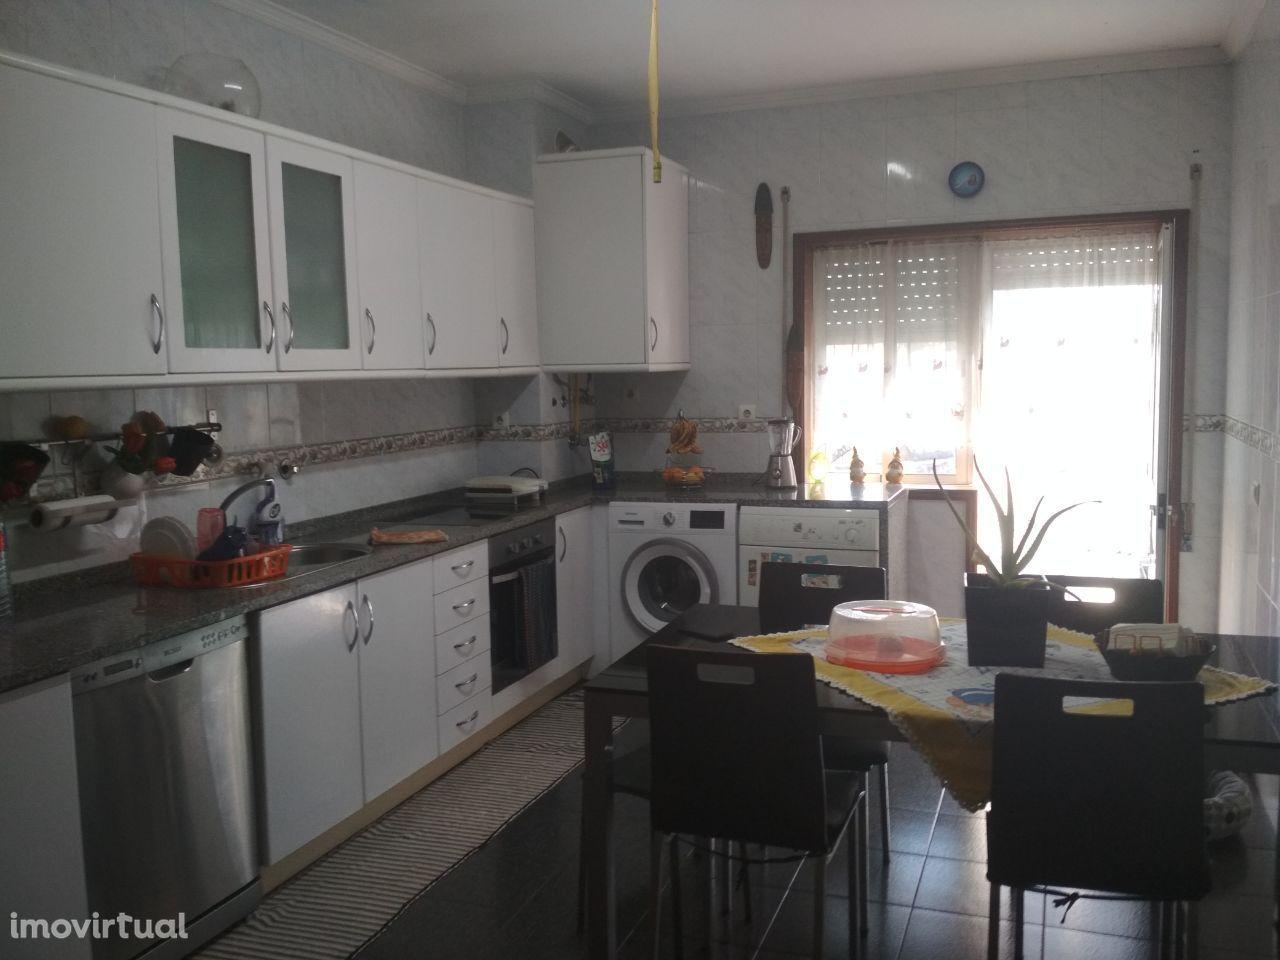 T3+1 c/ garagem p/ 2 carros - Vila do Conde